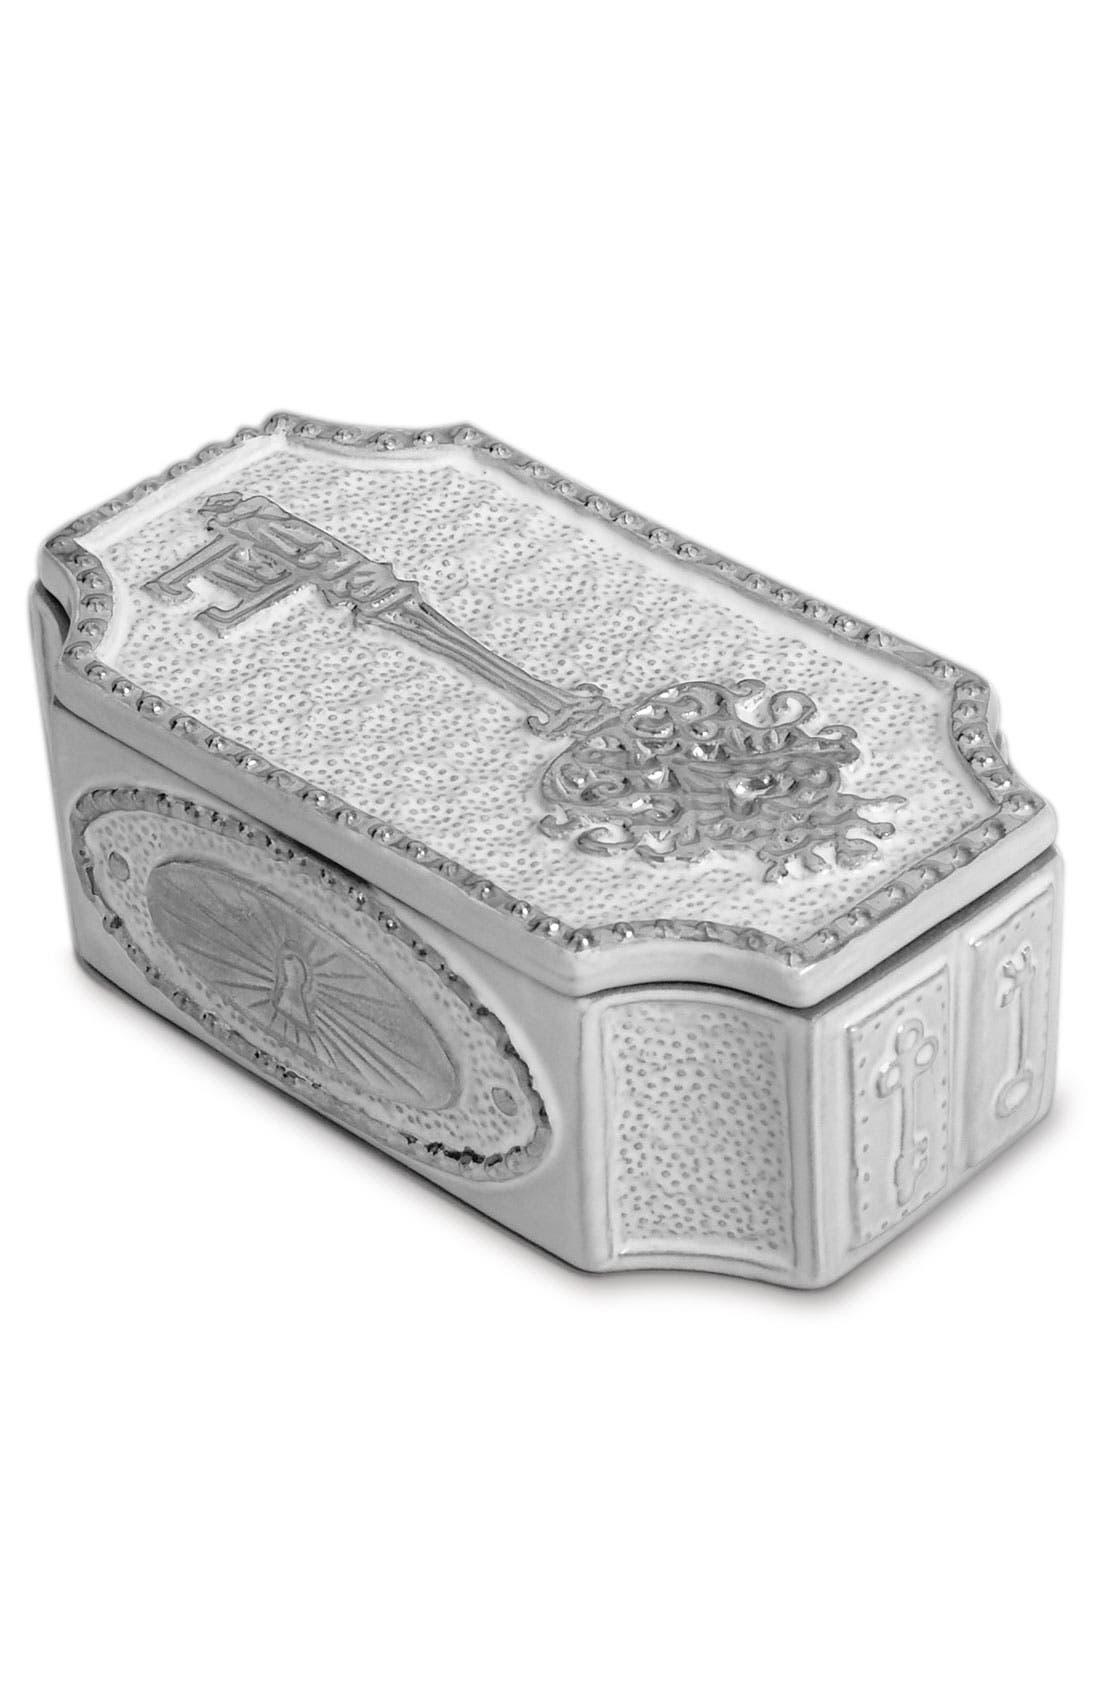 Alternate Image 1 Selected - Jonathan Adler Glazed Key Box